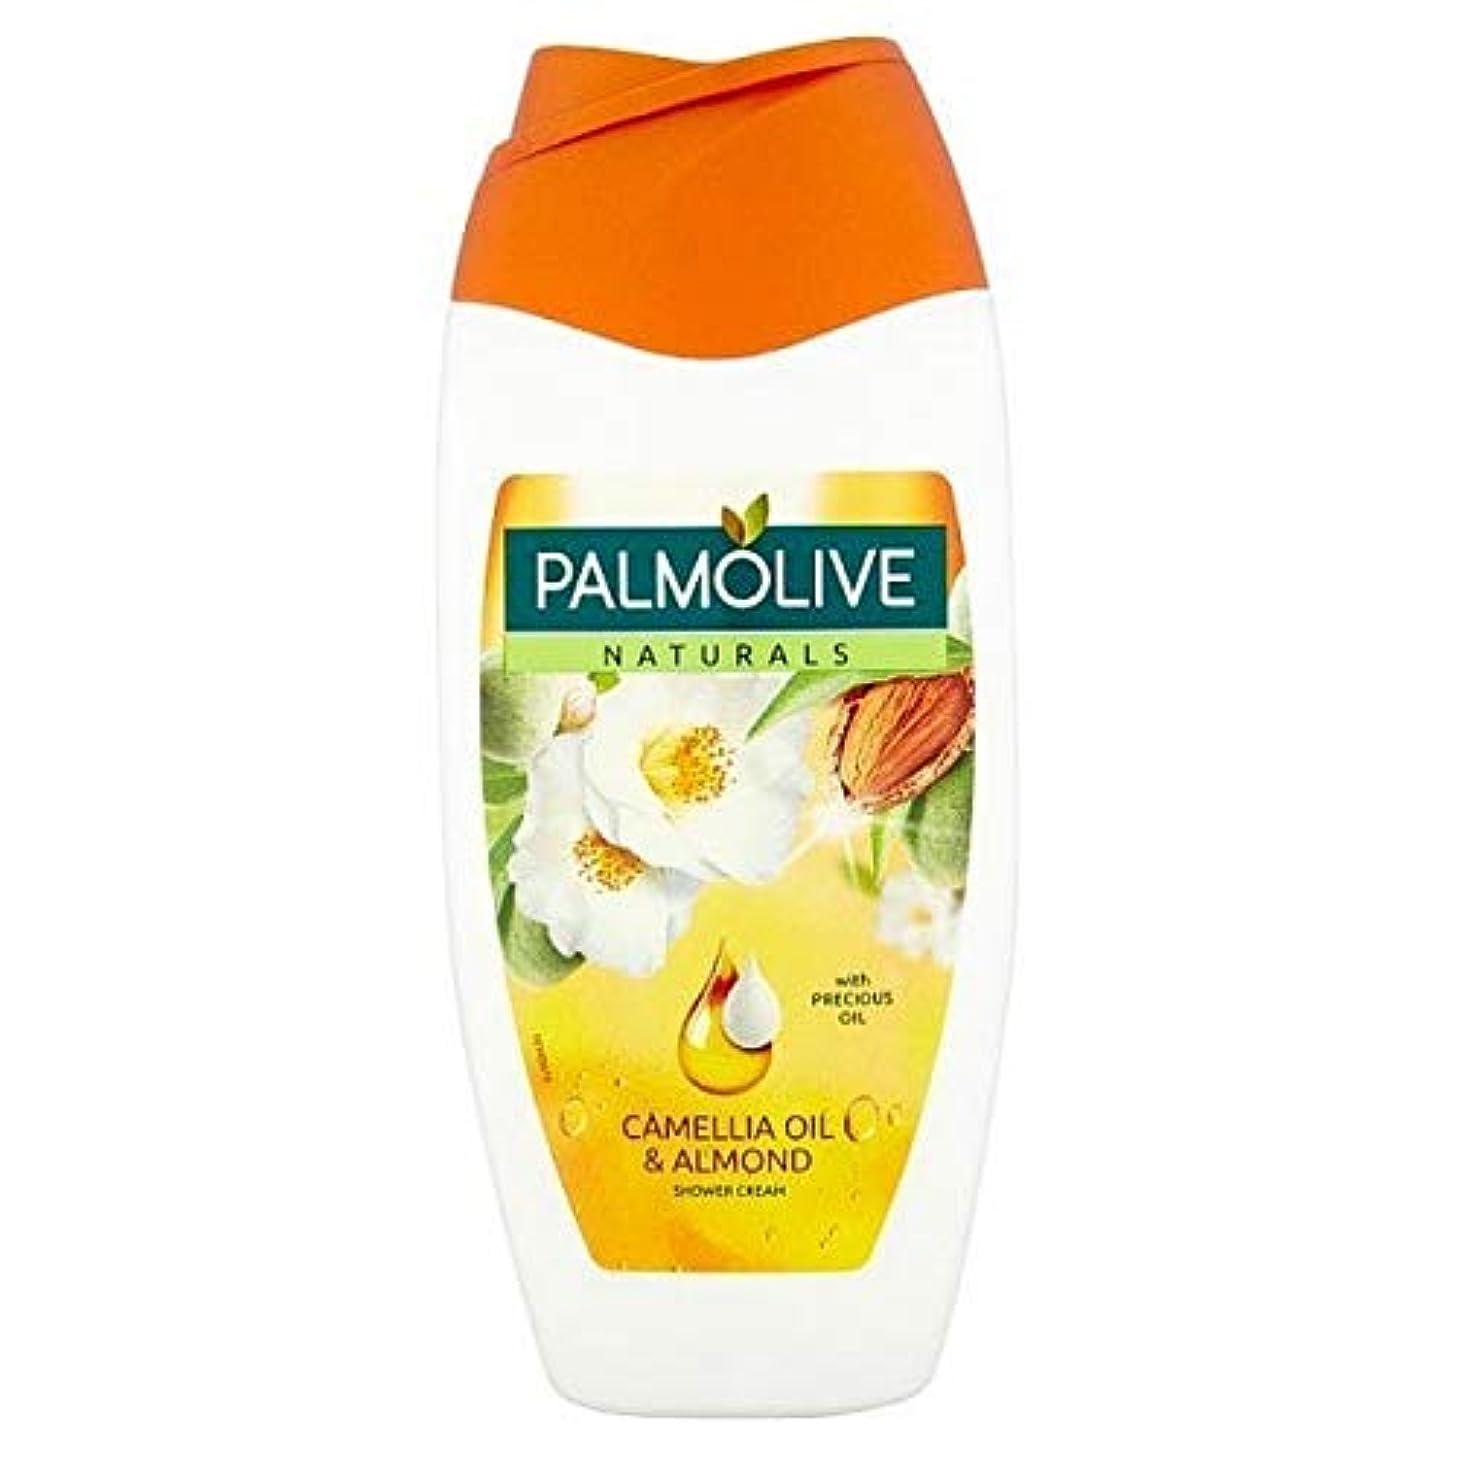 白鳥テンポ水銀の[Palmolive ] パルモナチュラル椿油&アーモンドシャワージェル250ミリリットル - Palmolive Naturals Camellia Oil & Almond Shower Gel 250ml [並行輸入品]